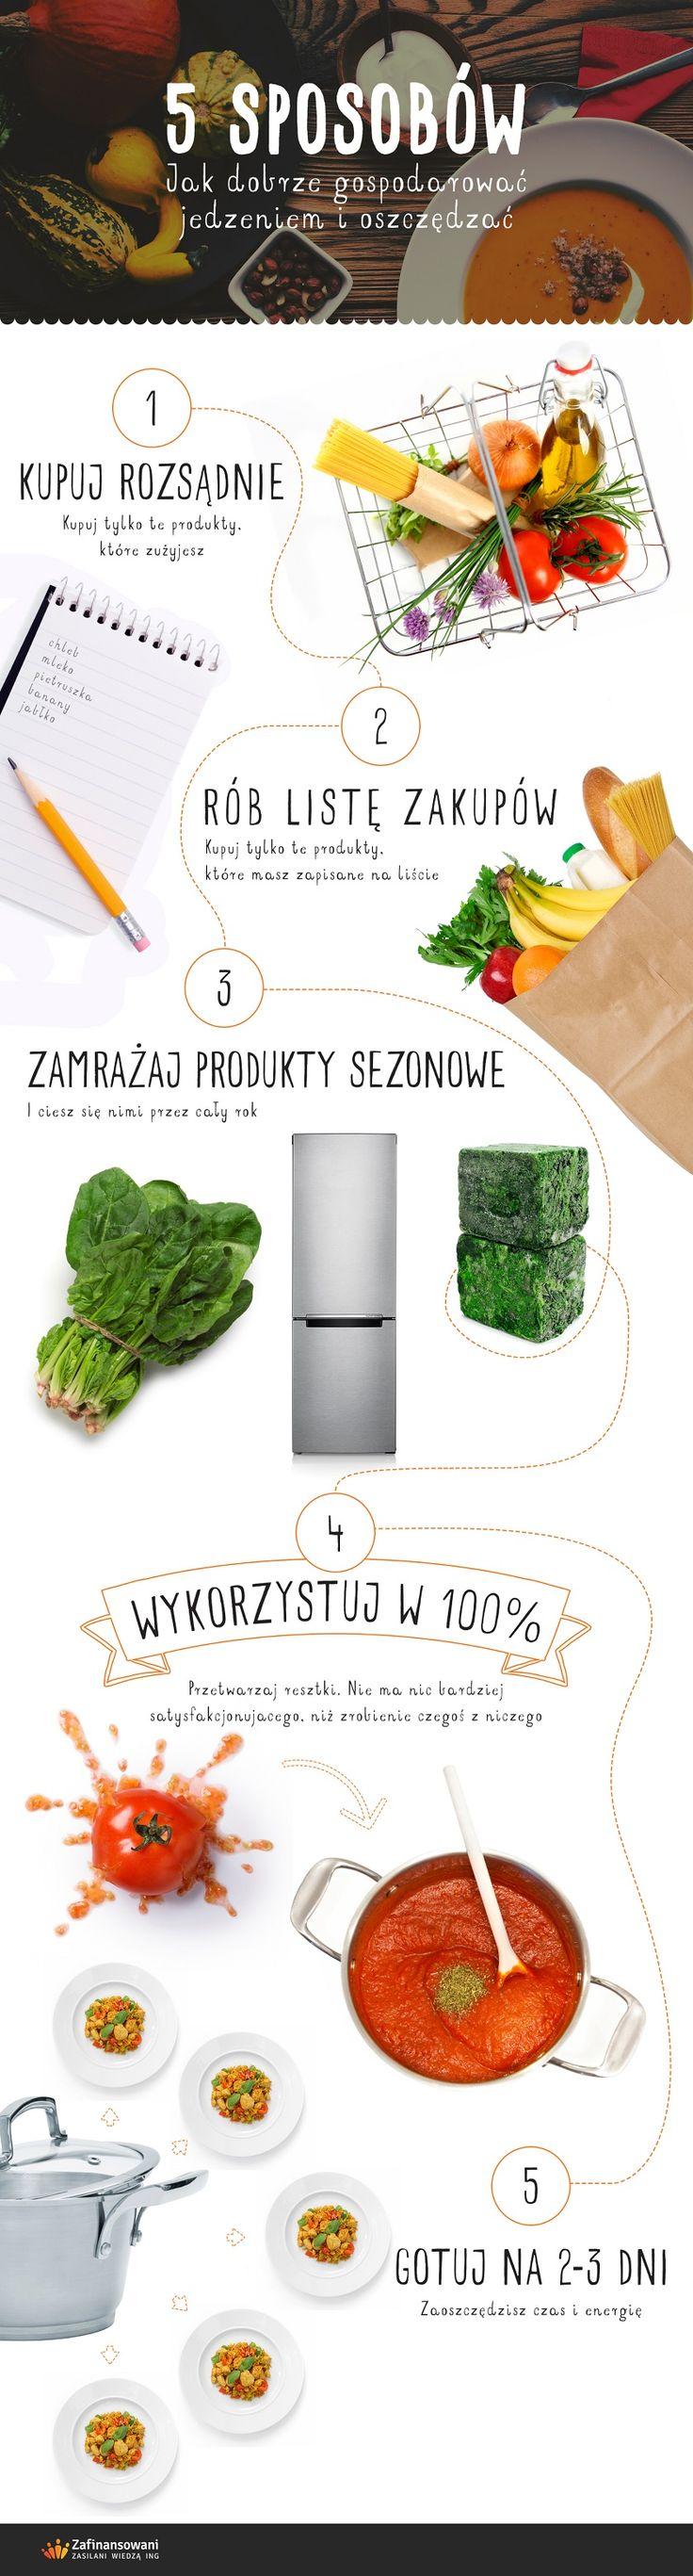 5 sposobów jak gospodarować jedzeniem